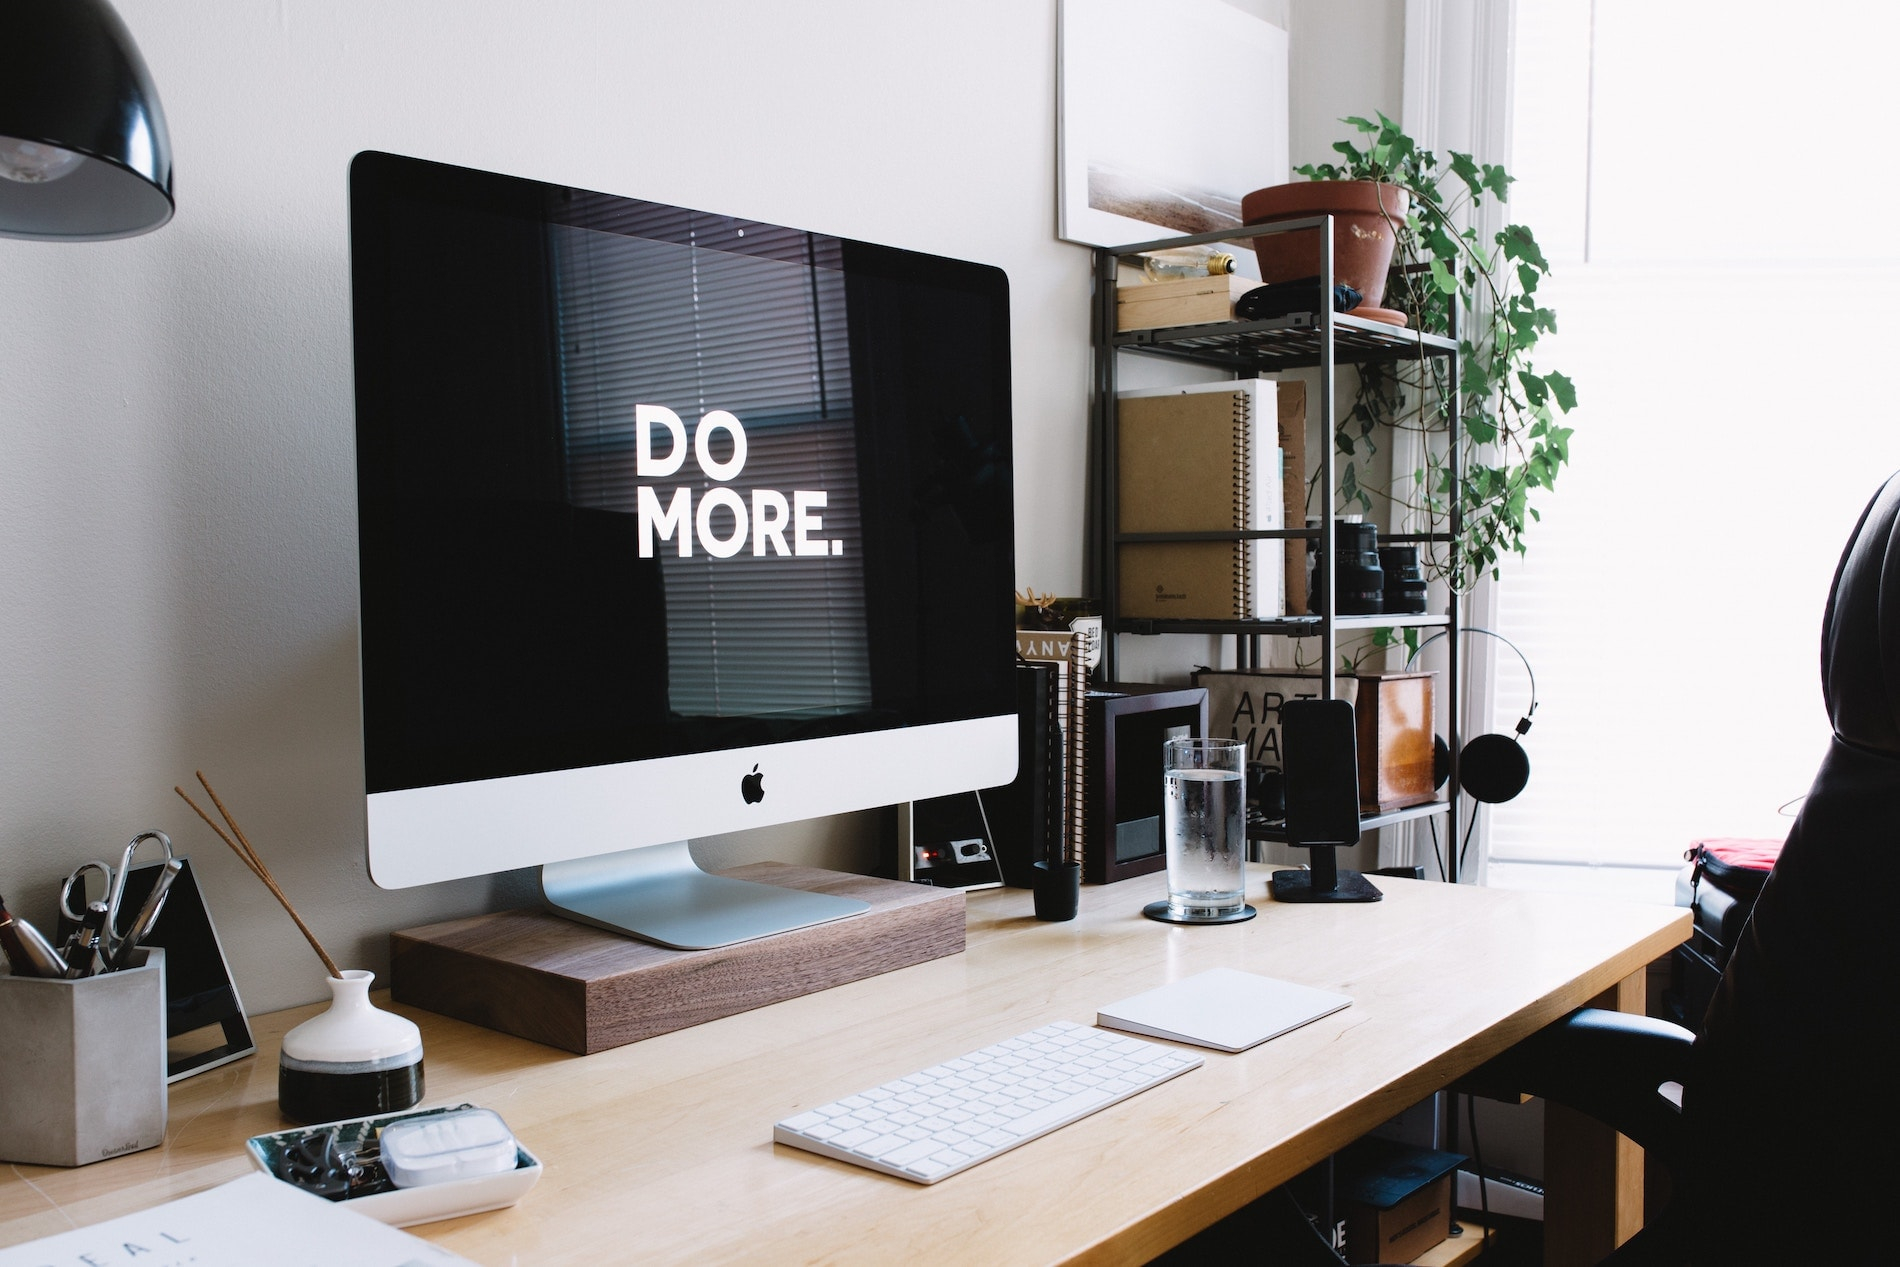 Desktop screen with 'do more' screensaver